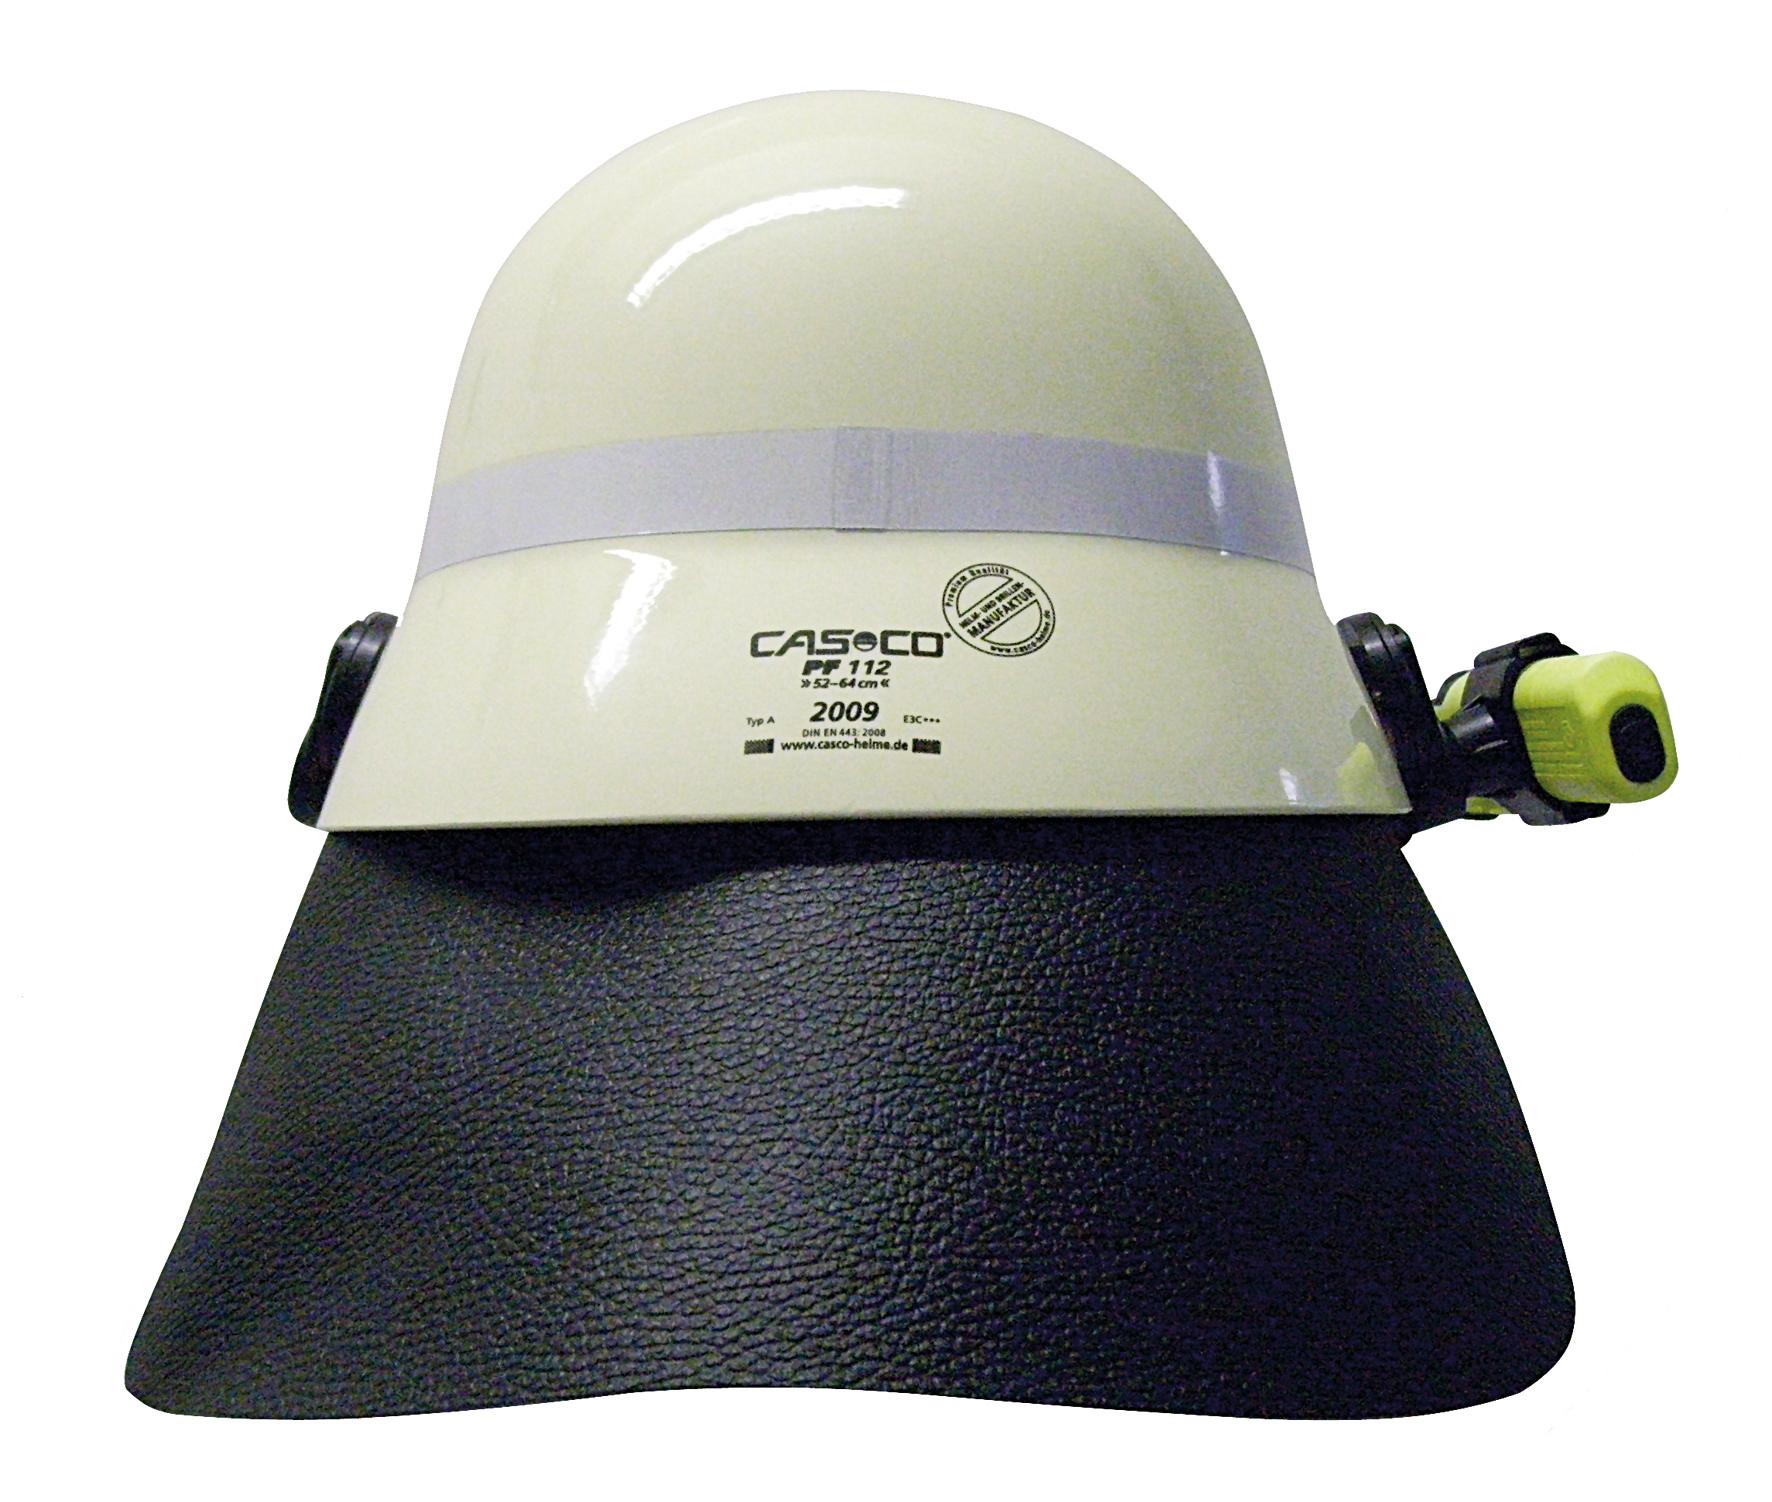 Casco Nackenschutzleder für PF 112 - 5 Punkt Fixierung